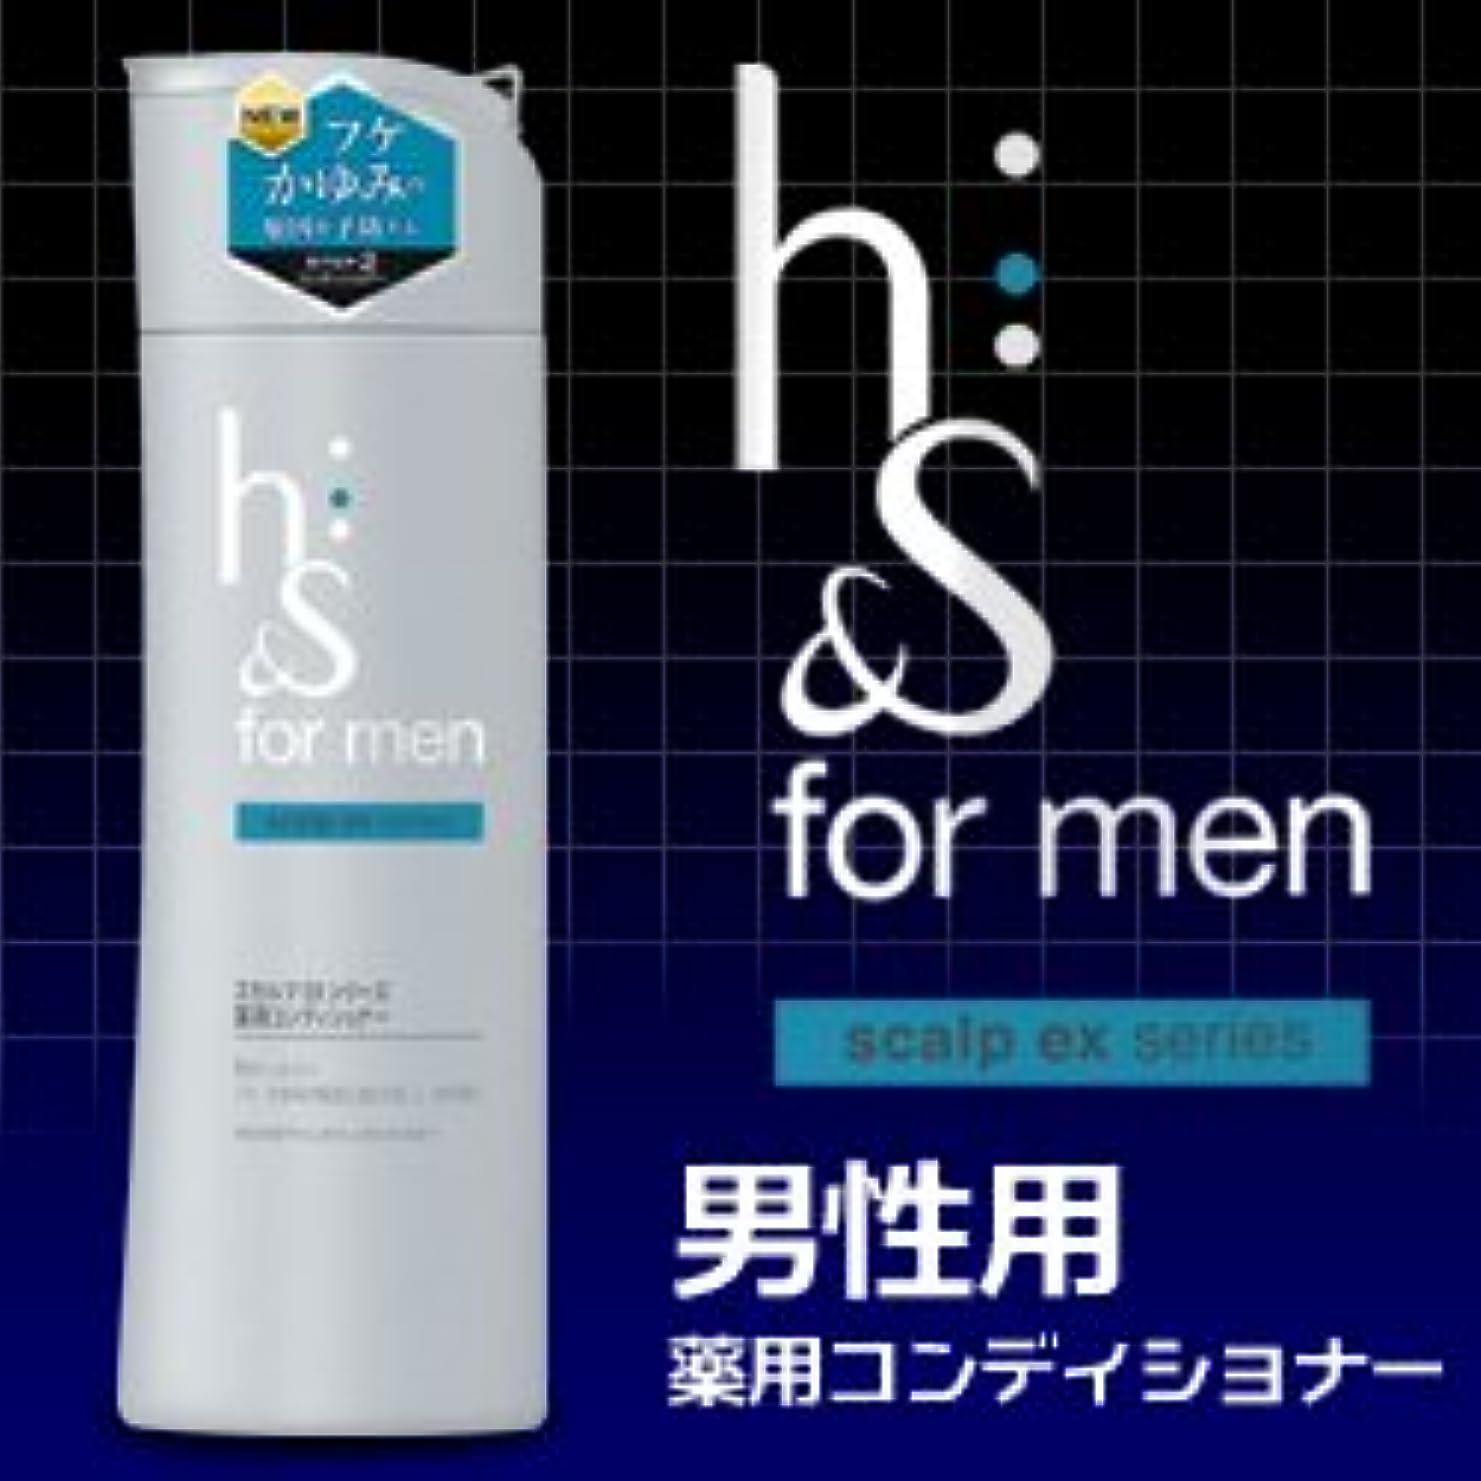 ハードウェア期間してはいけません【P&G】  男のヘッドスパ 【h&s for men】 スカルプEX 薬用コンディショナー 本体 200g ×20個セット